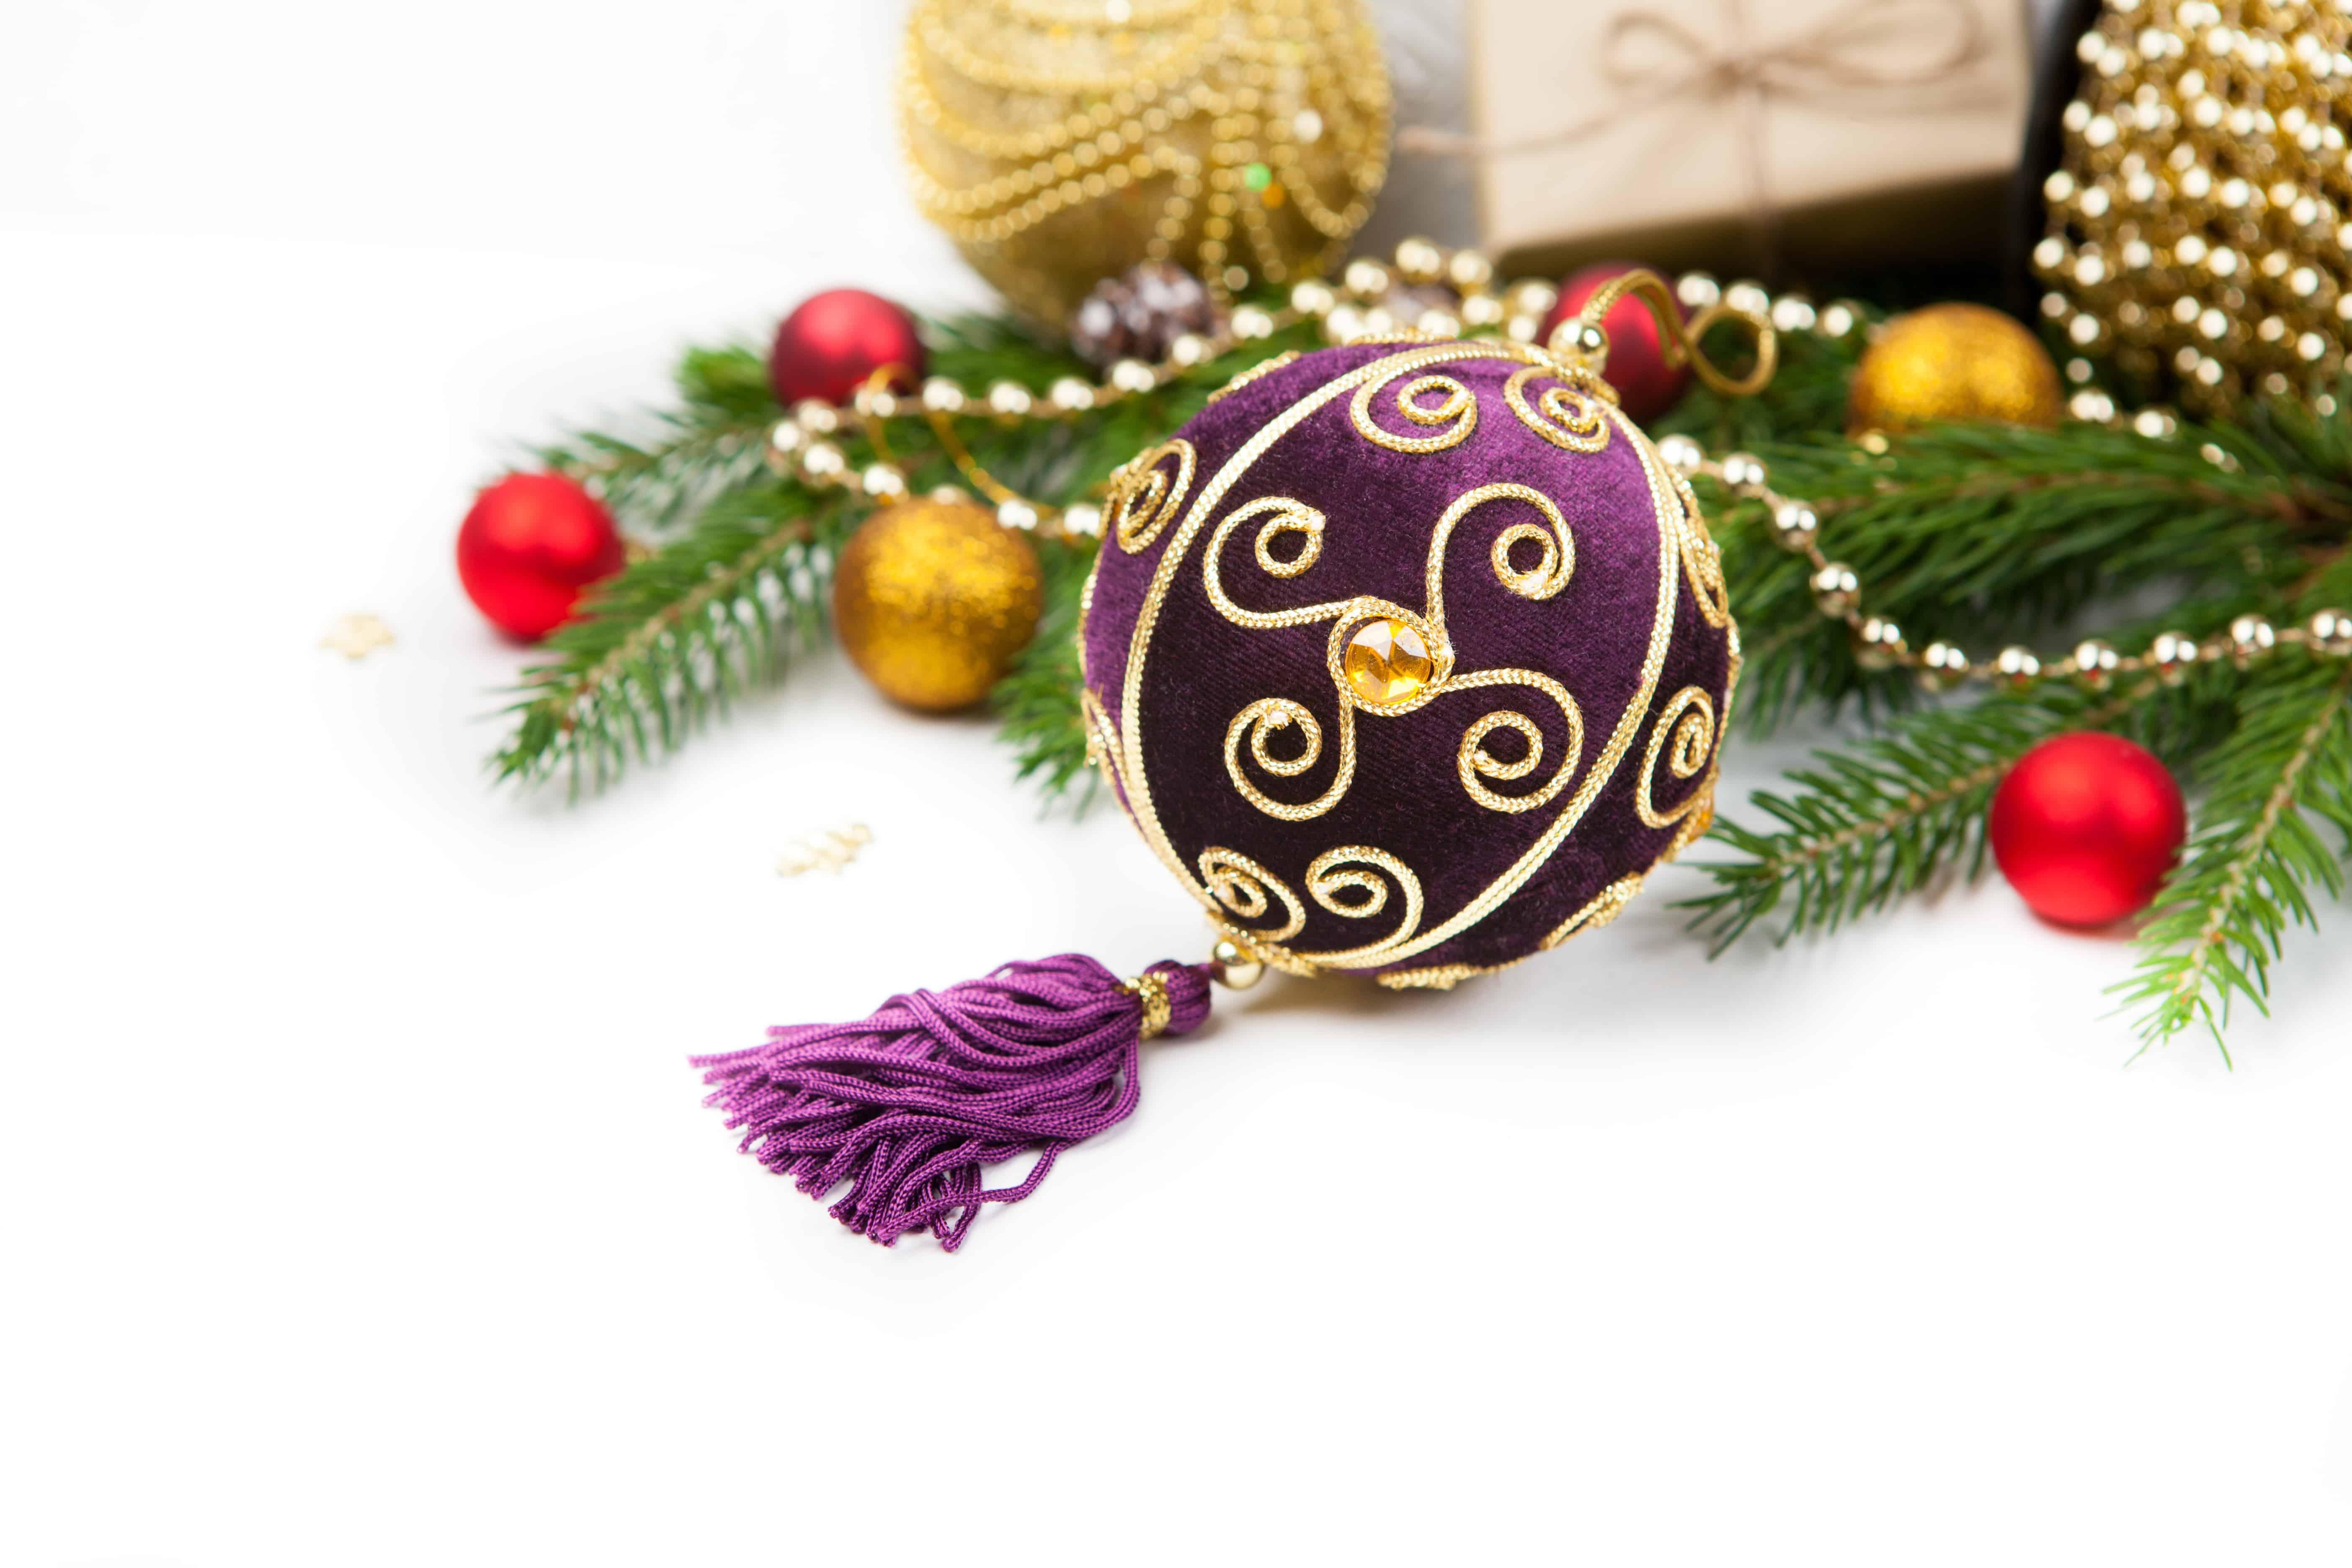 De 5 Kersttrends Voor 2019 Van Kerstspullen Tot Kerststukjes